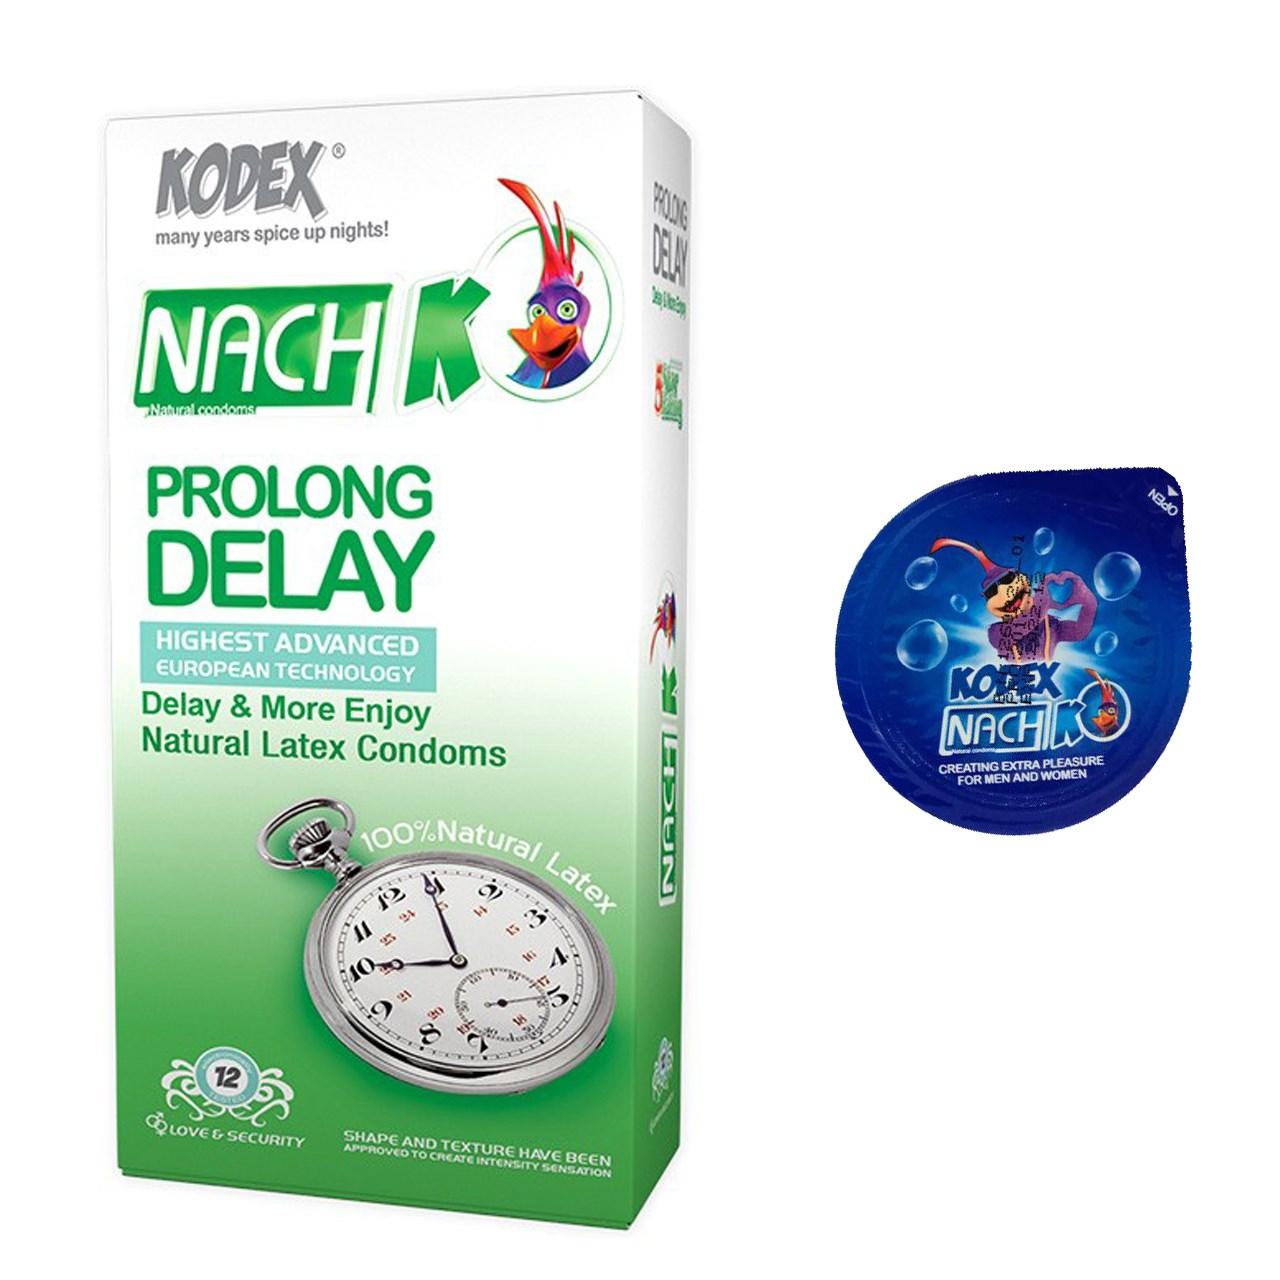 خرید                      کاندوم محرک مدل بلیسر کدکس به همراه یک بسته کدکس مدل Prolong Delay بسته 12 عددی